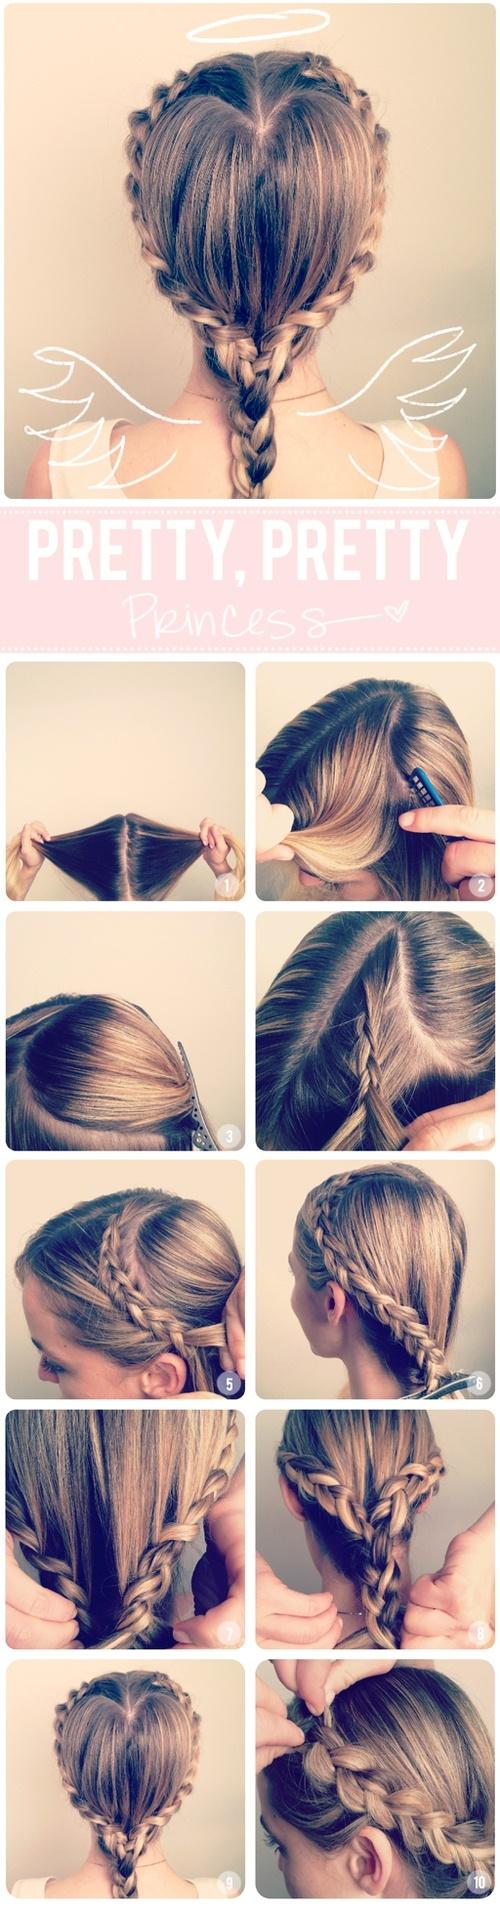 san valentin hairstyle3